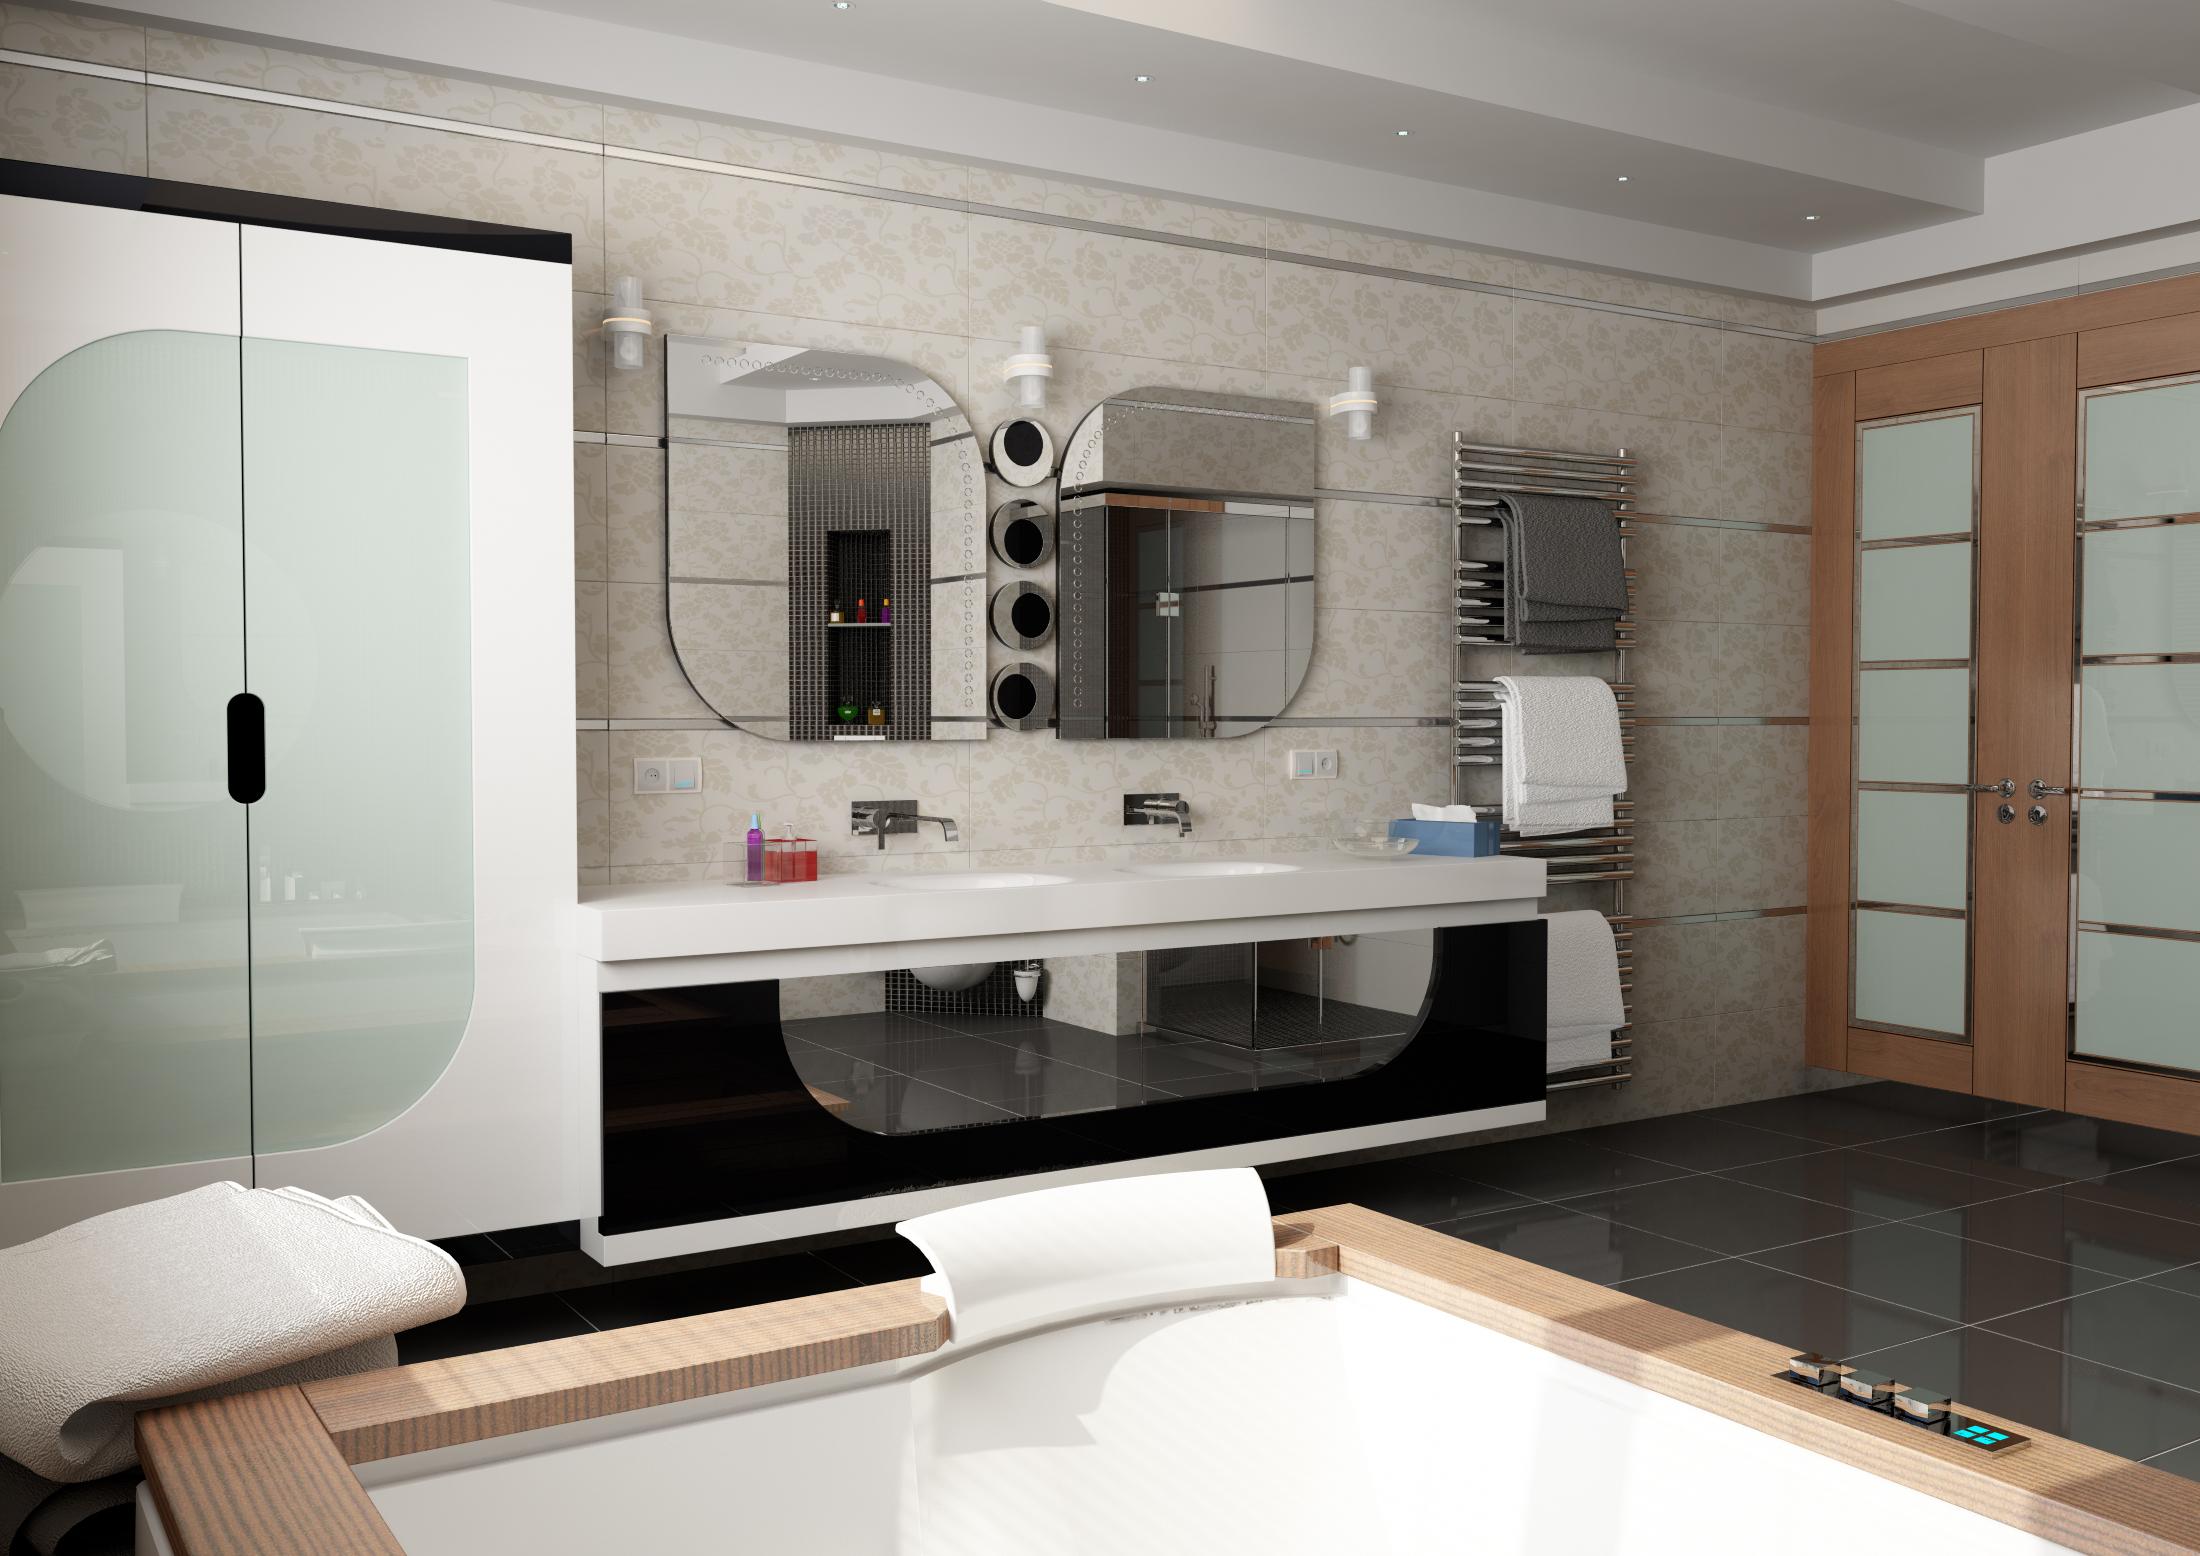 banyo2.jpg